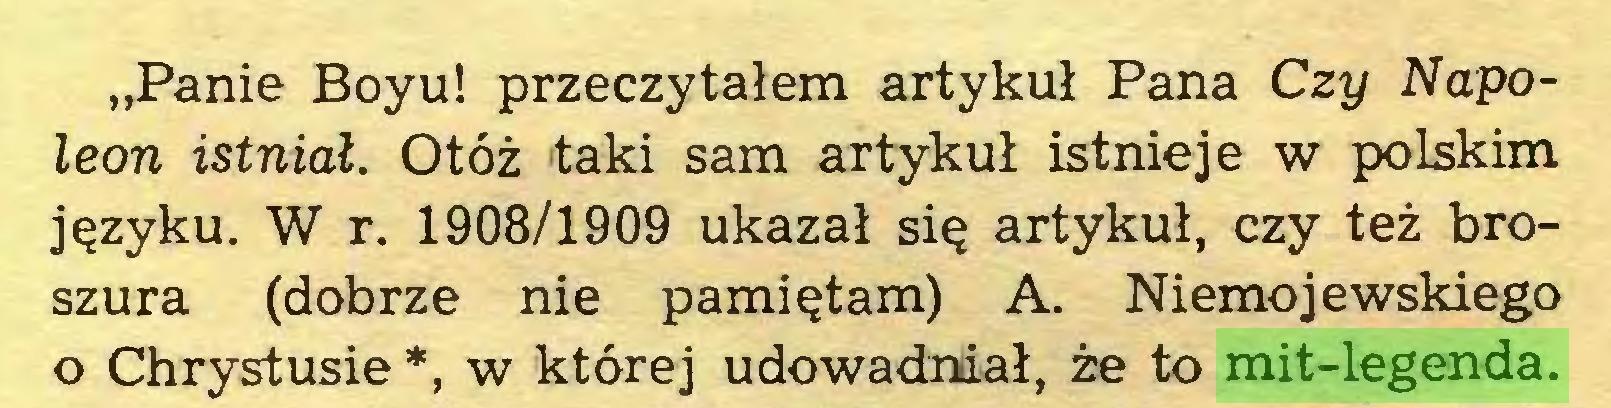 """(...) """"Panie Boyu! przeczytałem artykuł Pana Czy Napoleon istniał. Otóż taki sam artykuł istnieje w polskim języku. W r. 1908/1909 ukazał się artykuł, czy też broszura (dobrze nie pamiętam) A. Niemojewskiego o Chrystusie *, w której udowadniał, że to mit-legenda..."""